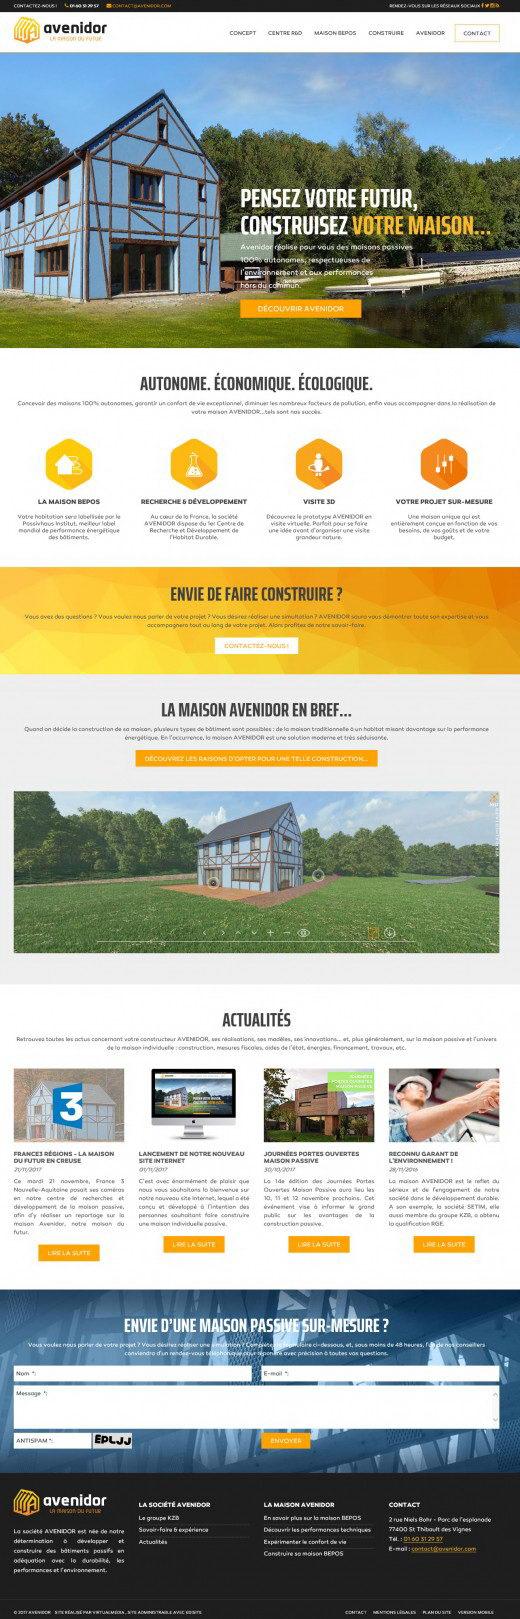 Realisation site constructeur maison avenidor